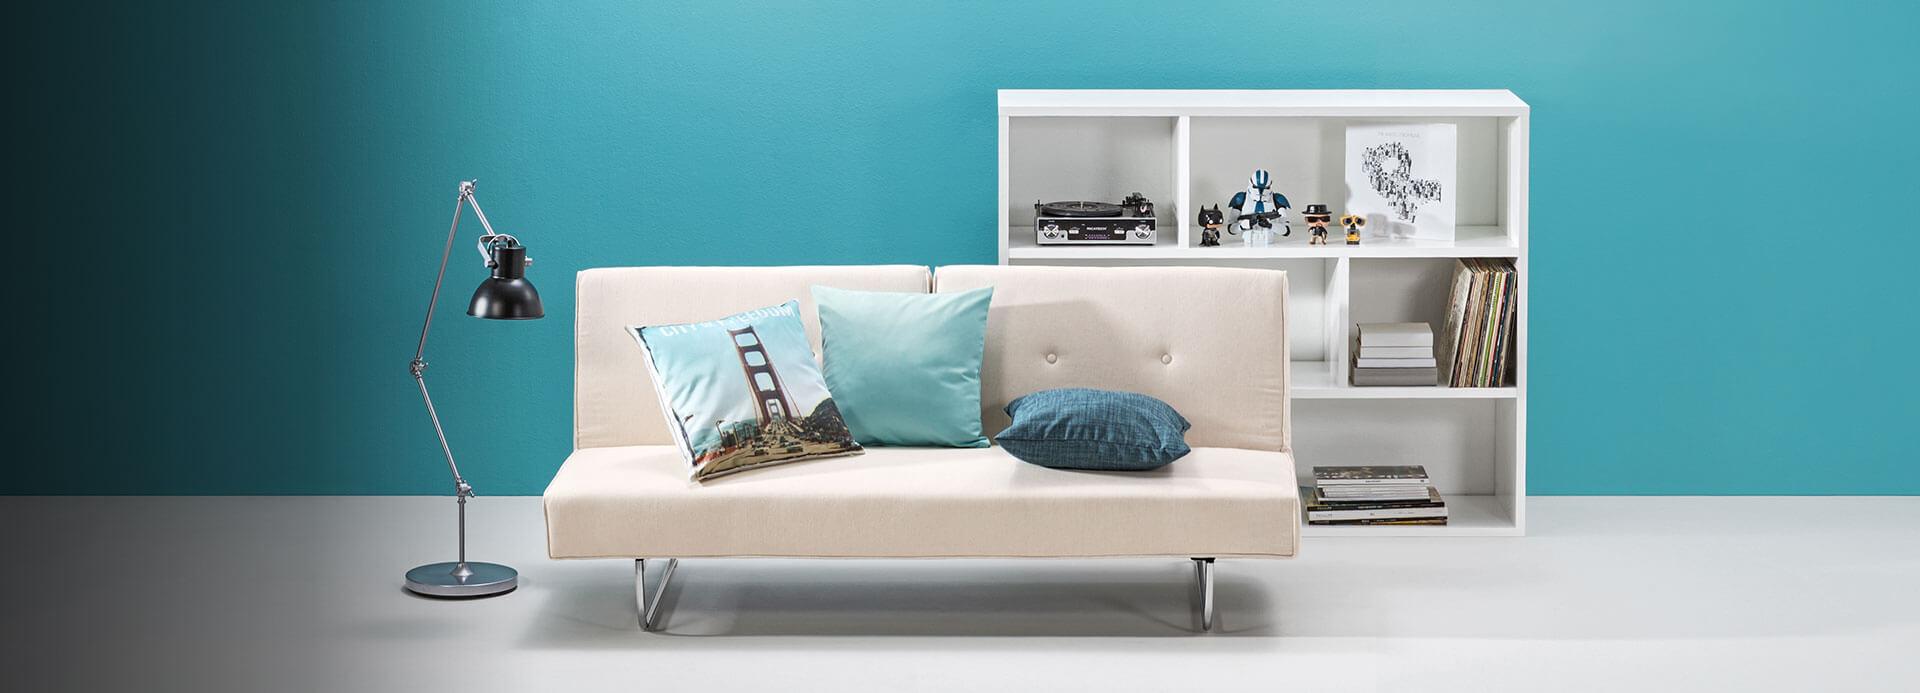 Пример цветового оформления гостиной